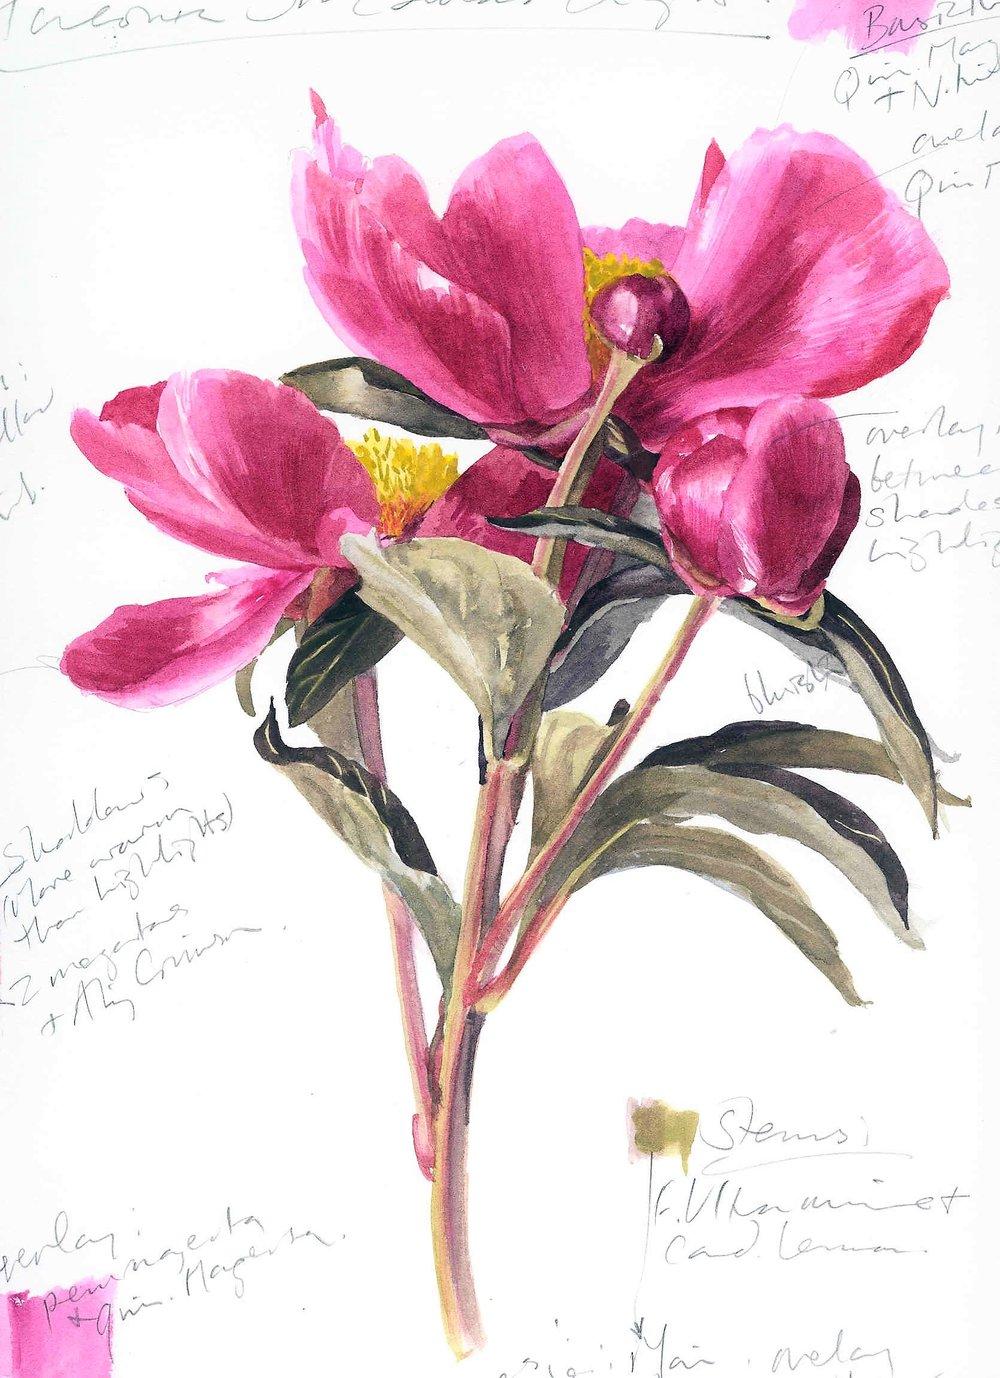 Paeonia lactiflora  'Sir Edward Elgar' 2000